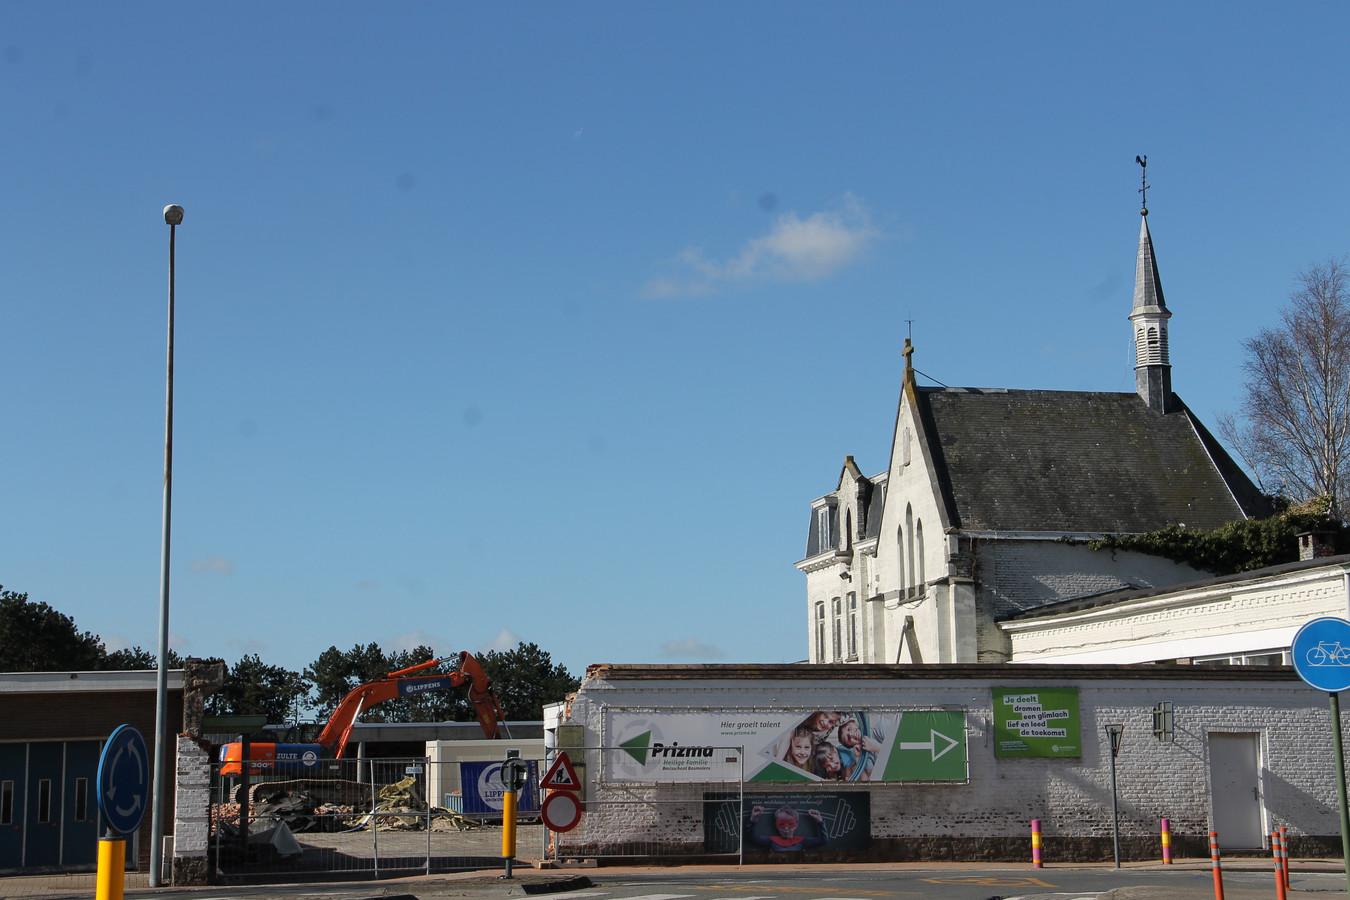 De afbraakwerken aan de oude schoolgebouwen bij de Heilige Familieschool zijn begonnen. Volgende week verdwijnt ook de kapel, maar de aannemer bekijkt om het oude torentje nog te recupereren.